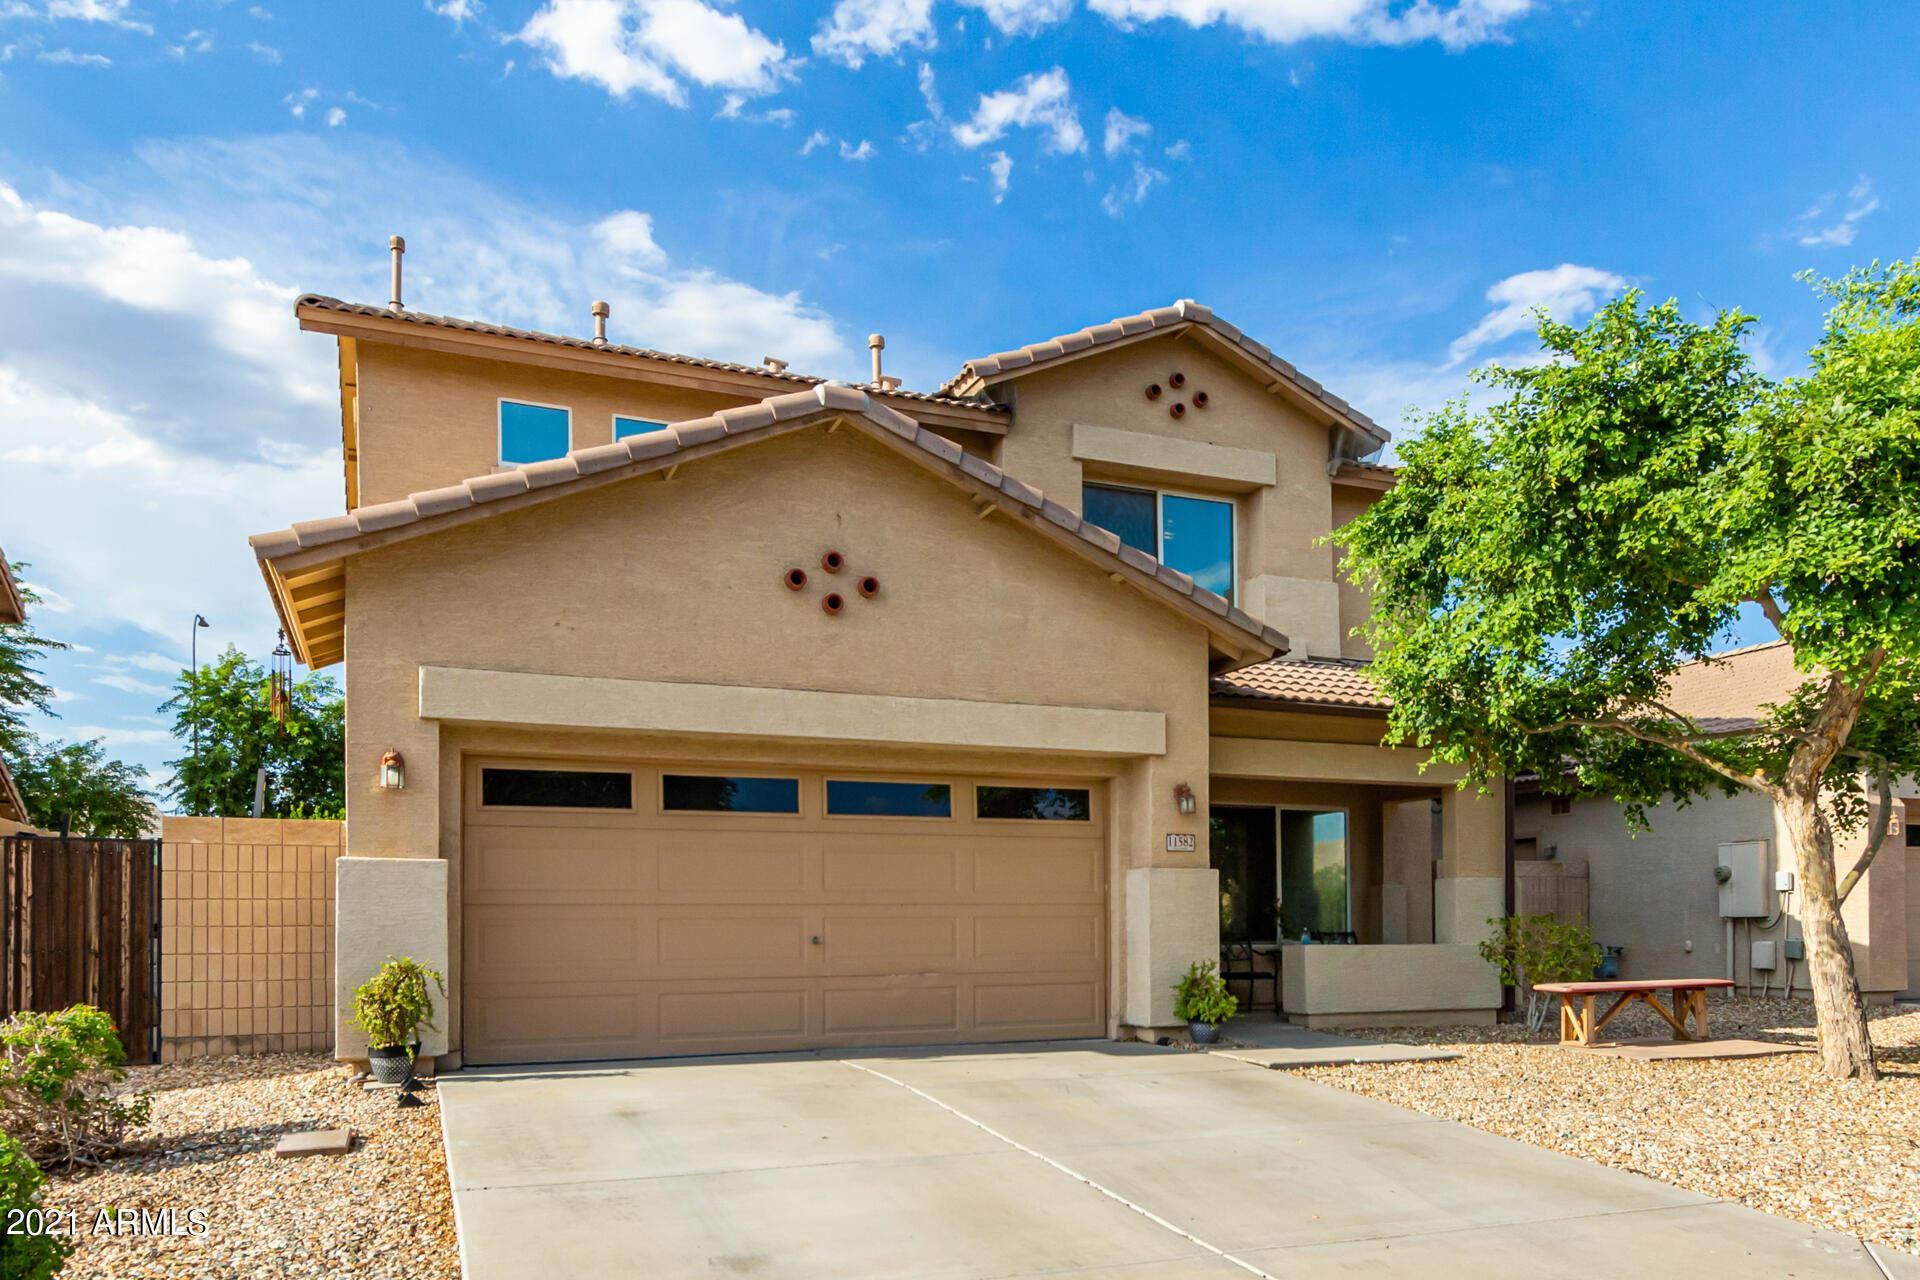 11582 W JEFFERSON Street W, Avondale, AZ 85323 - MLS#: 6289361